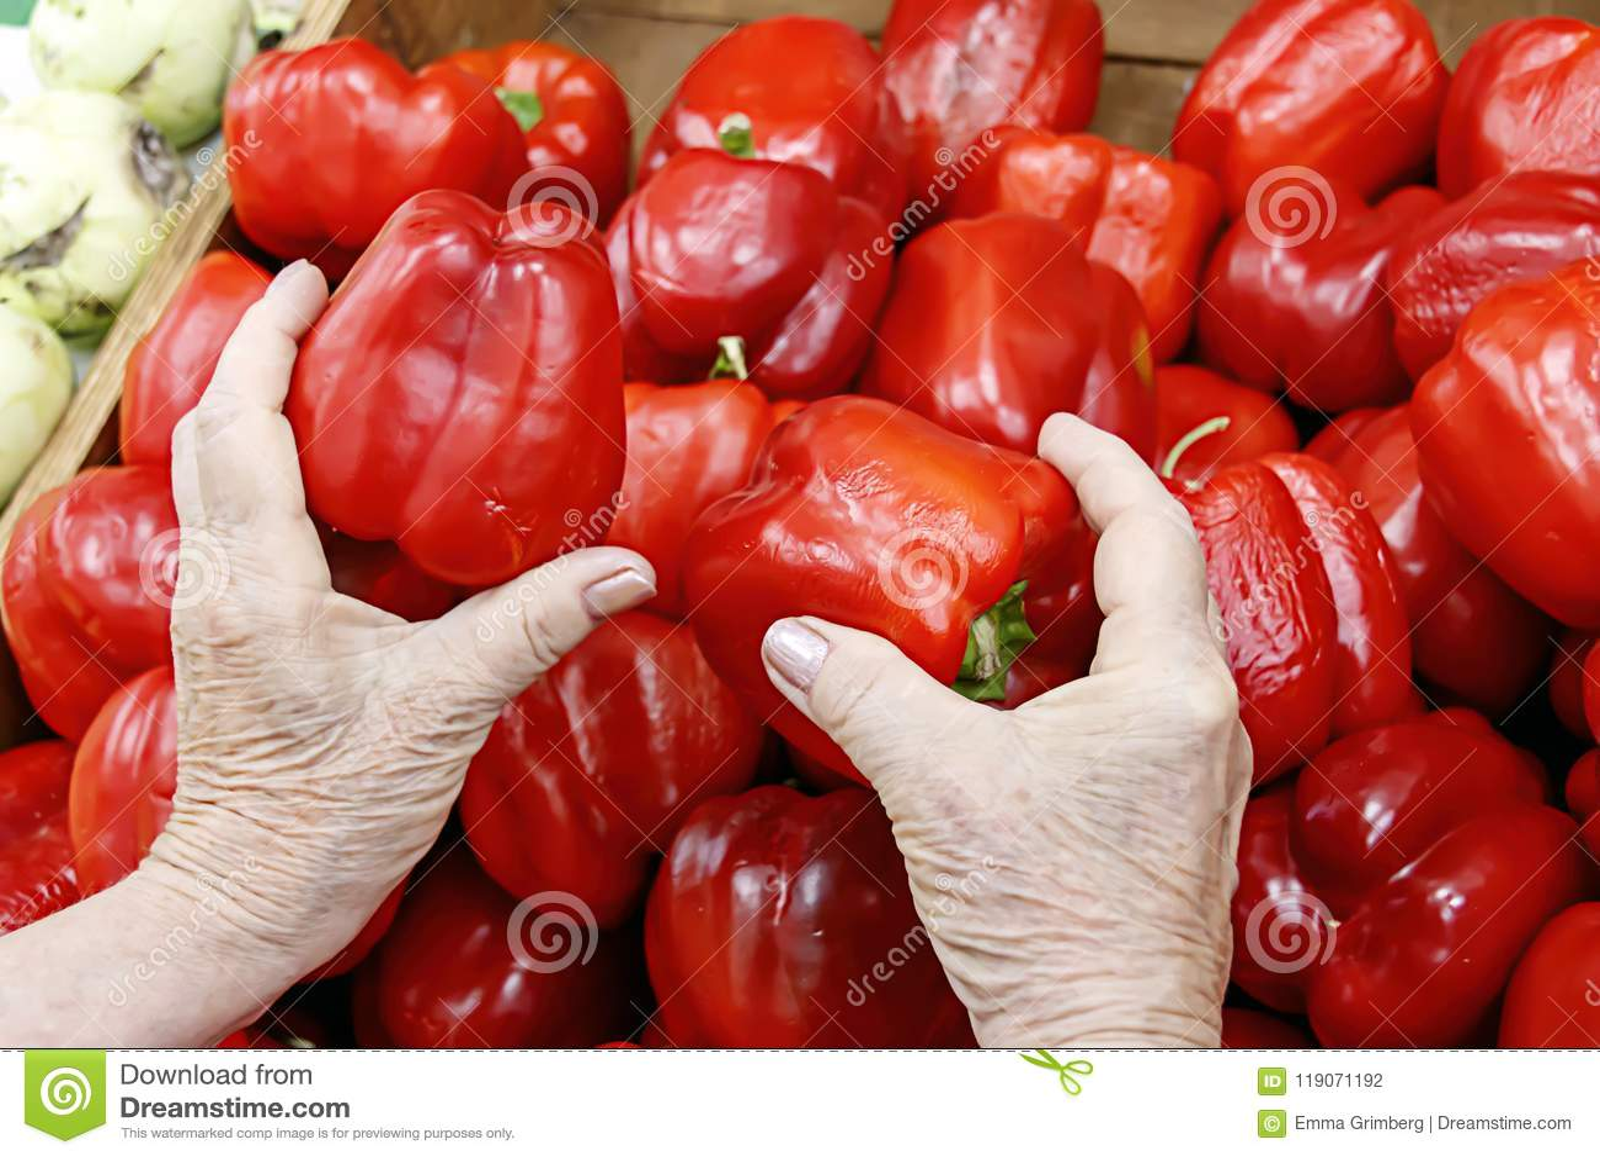 Hands of an elderly woman choosing a red pepper